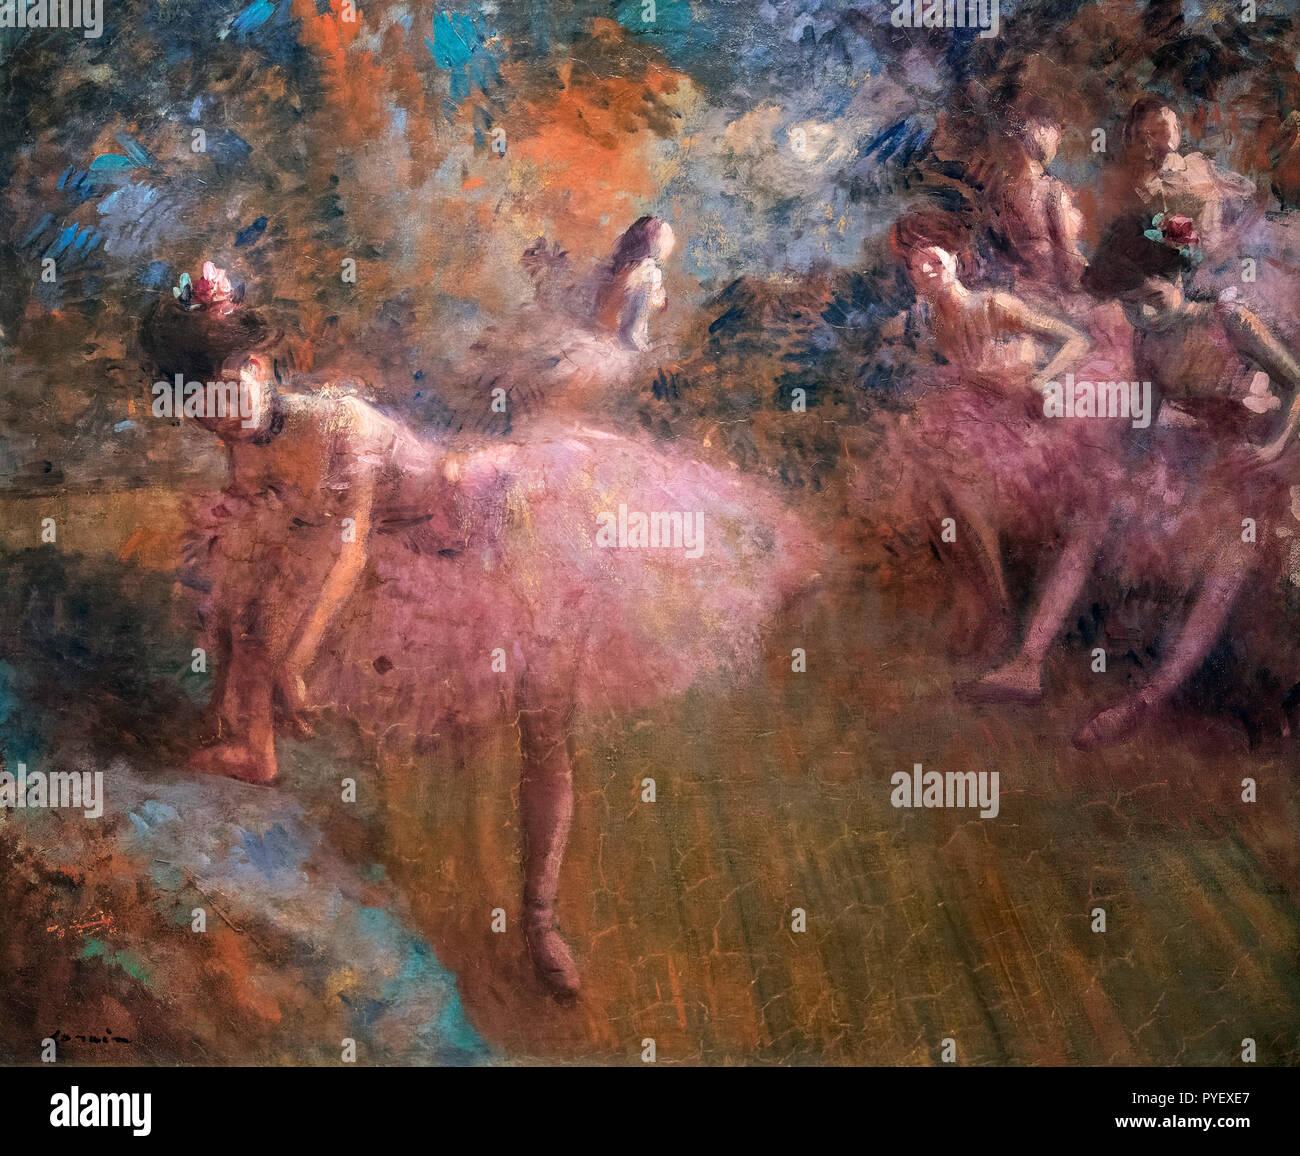 Ballerini in rosa da Jean Louis Forain (1852-1931), olio su tela, c.1905 Immagini Stock